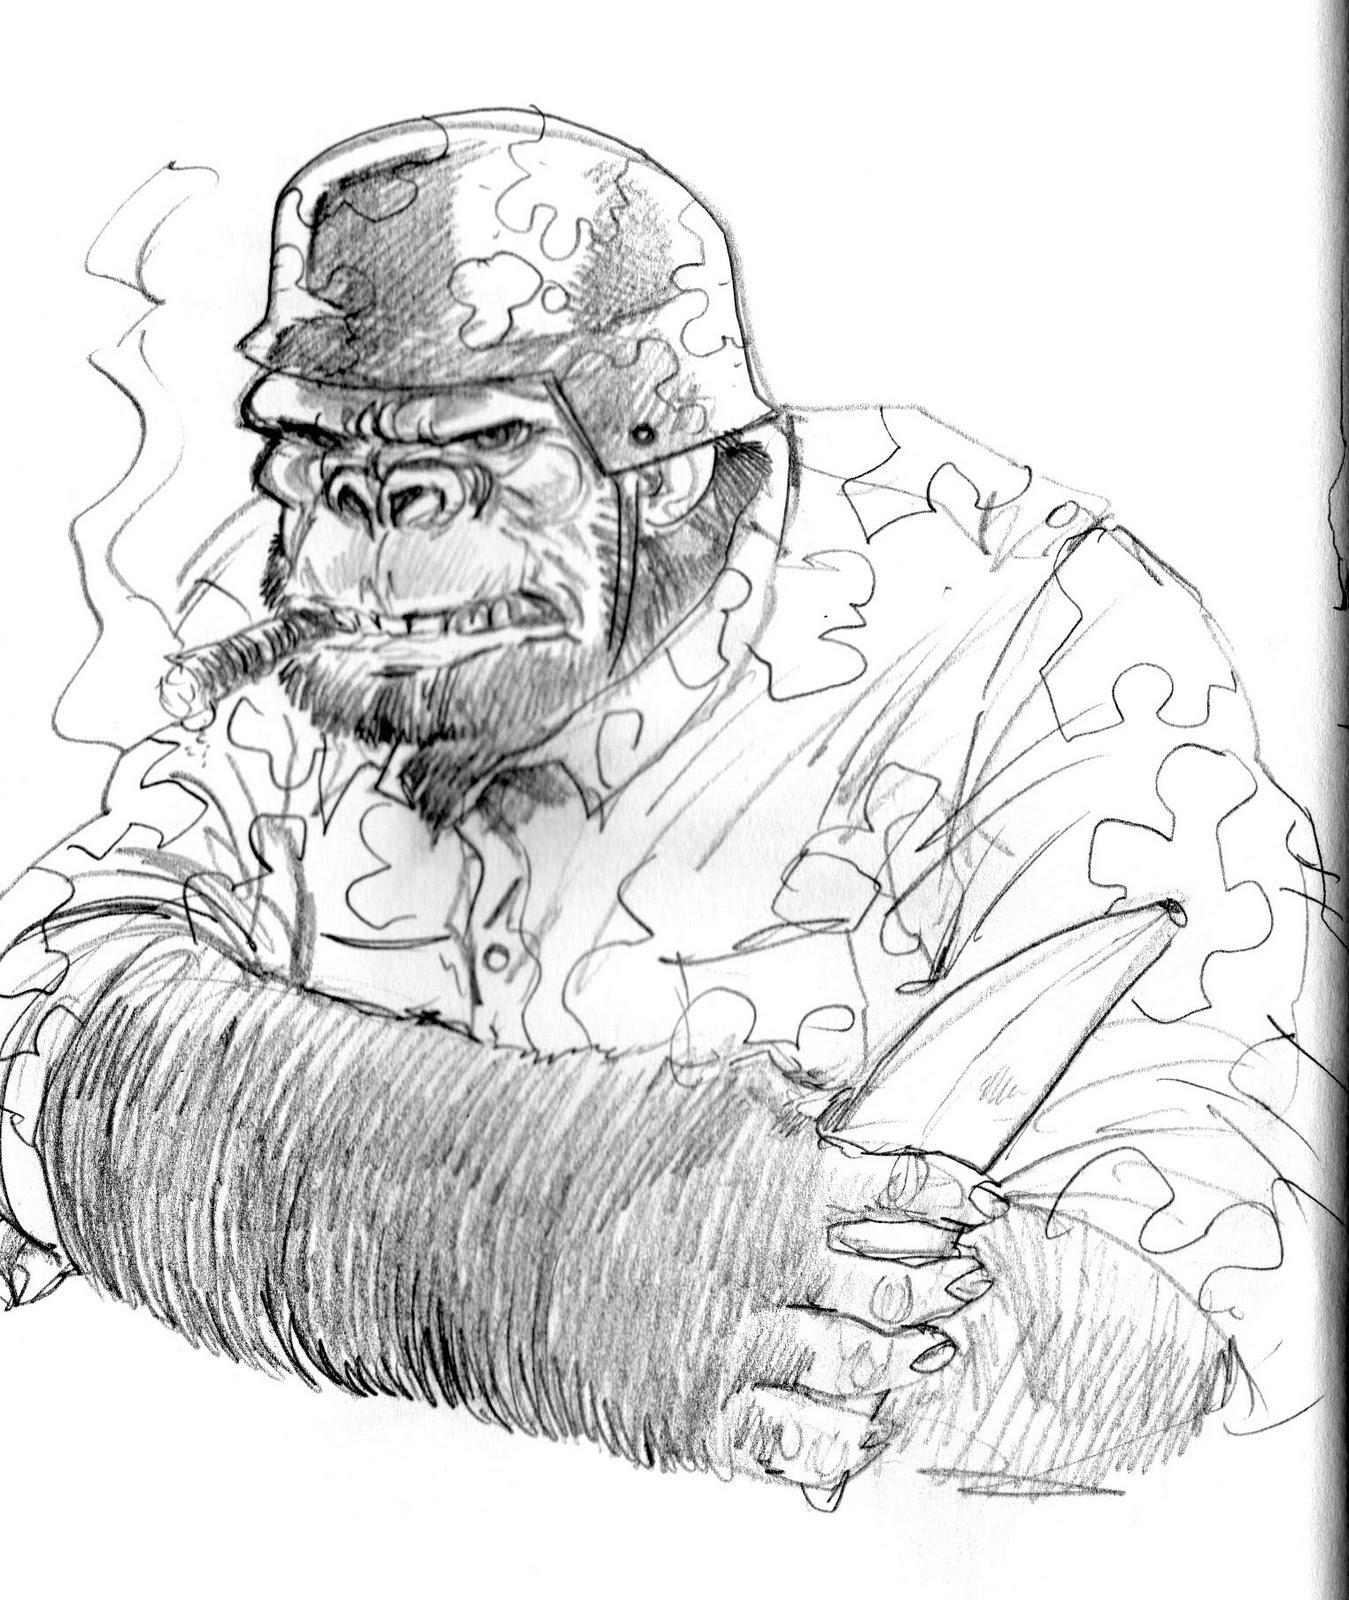 George O'Connor's Online Sketchbook: December 2010